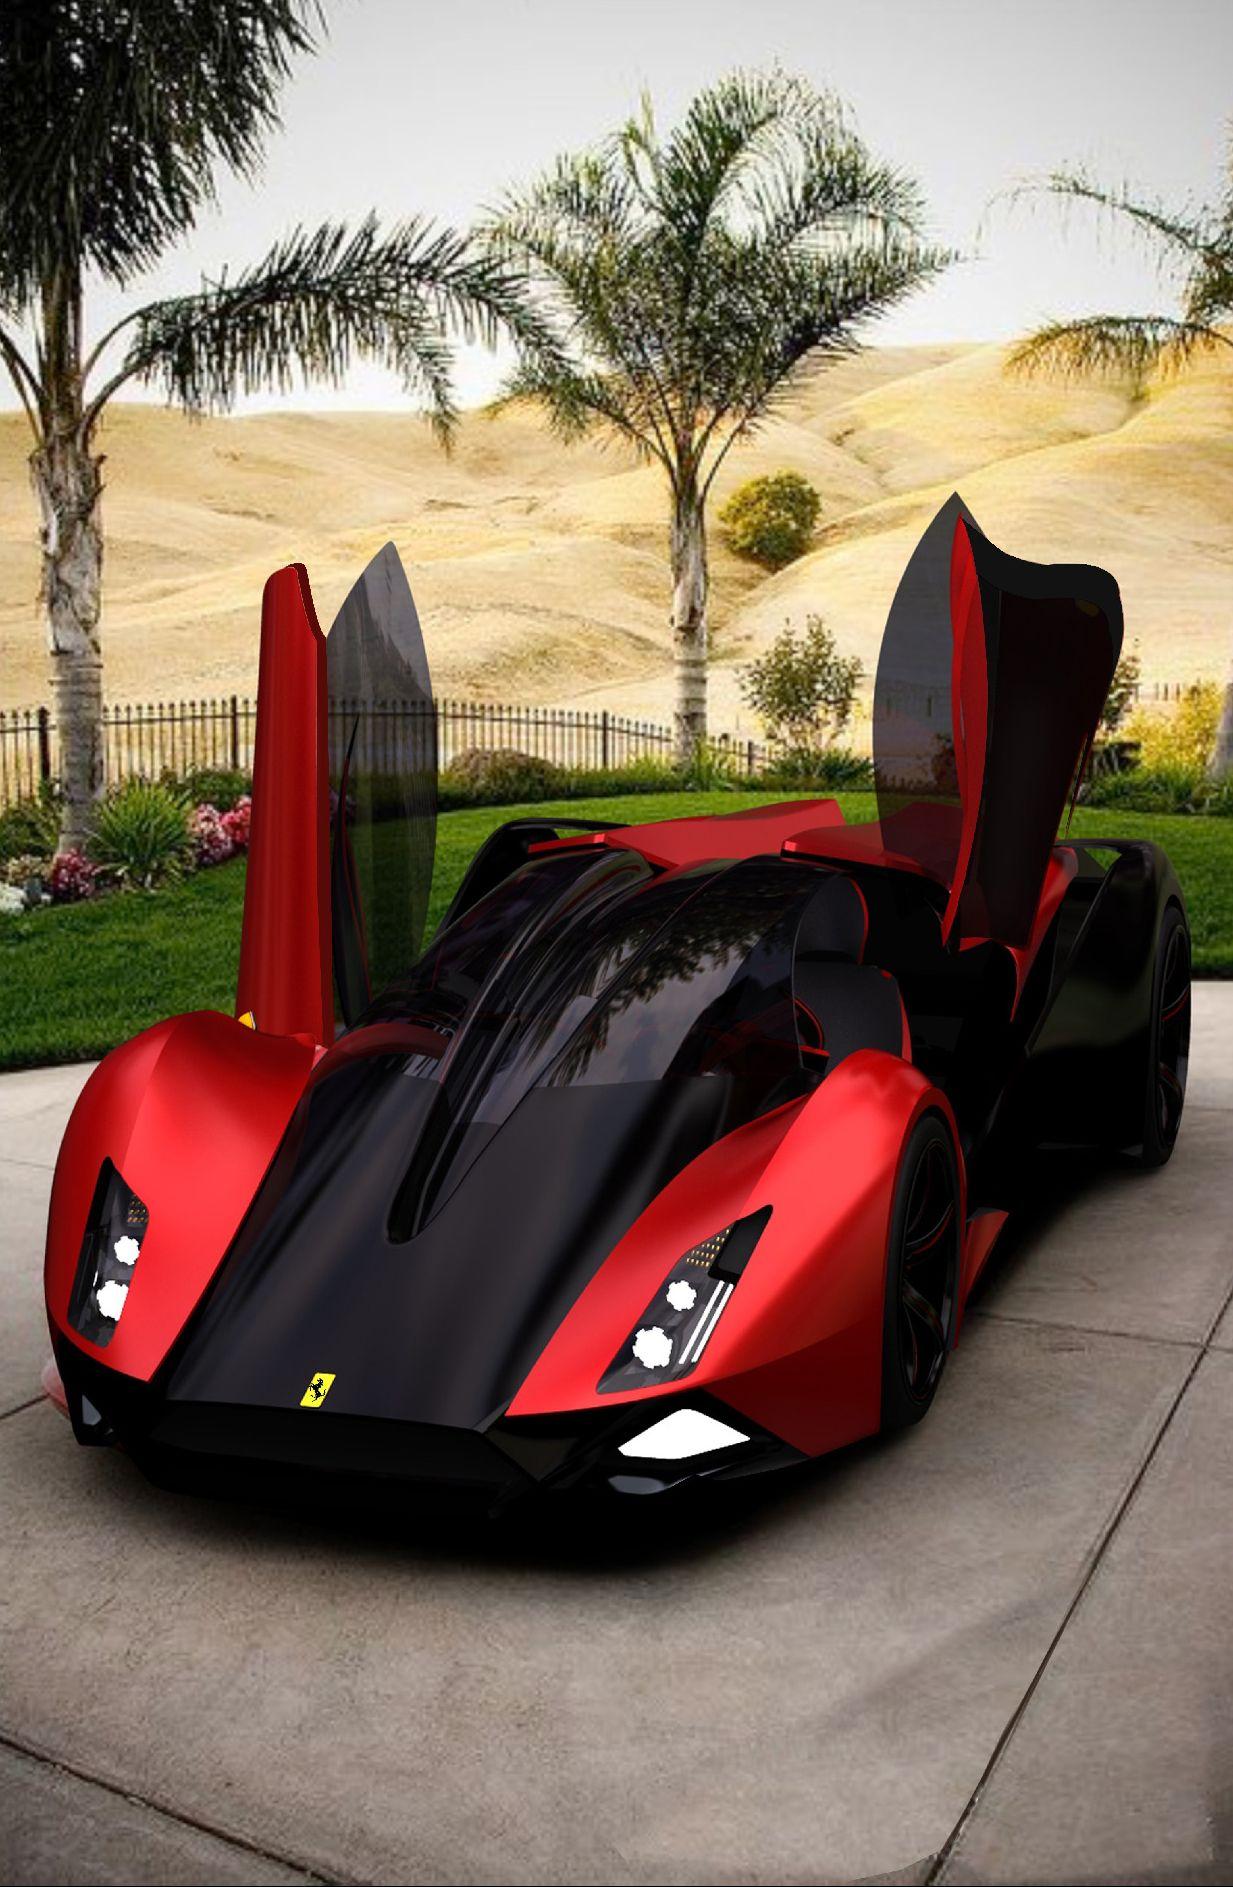 Ferrari F750 Concept Car